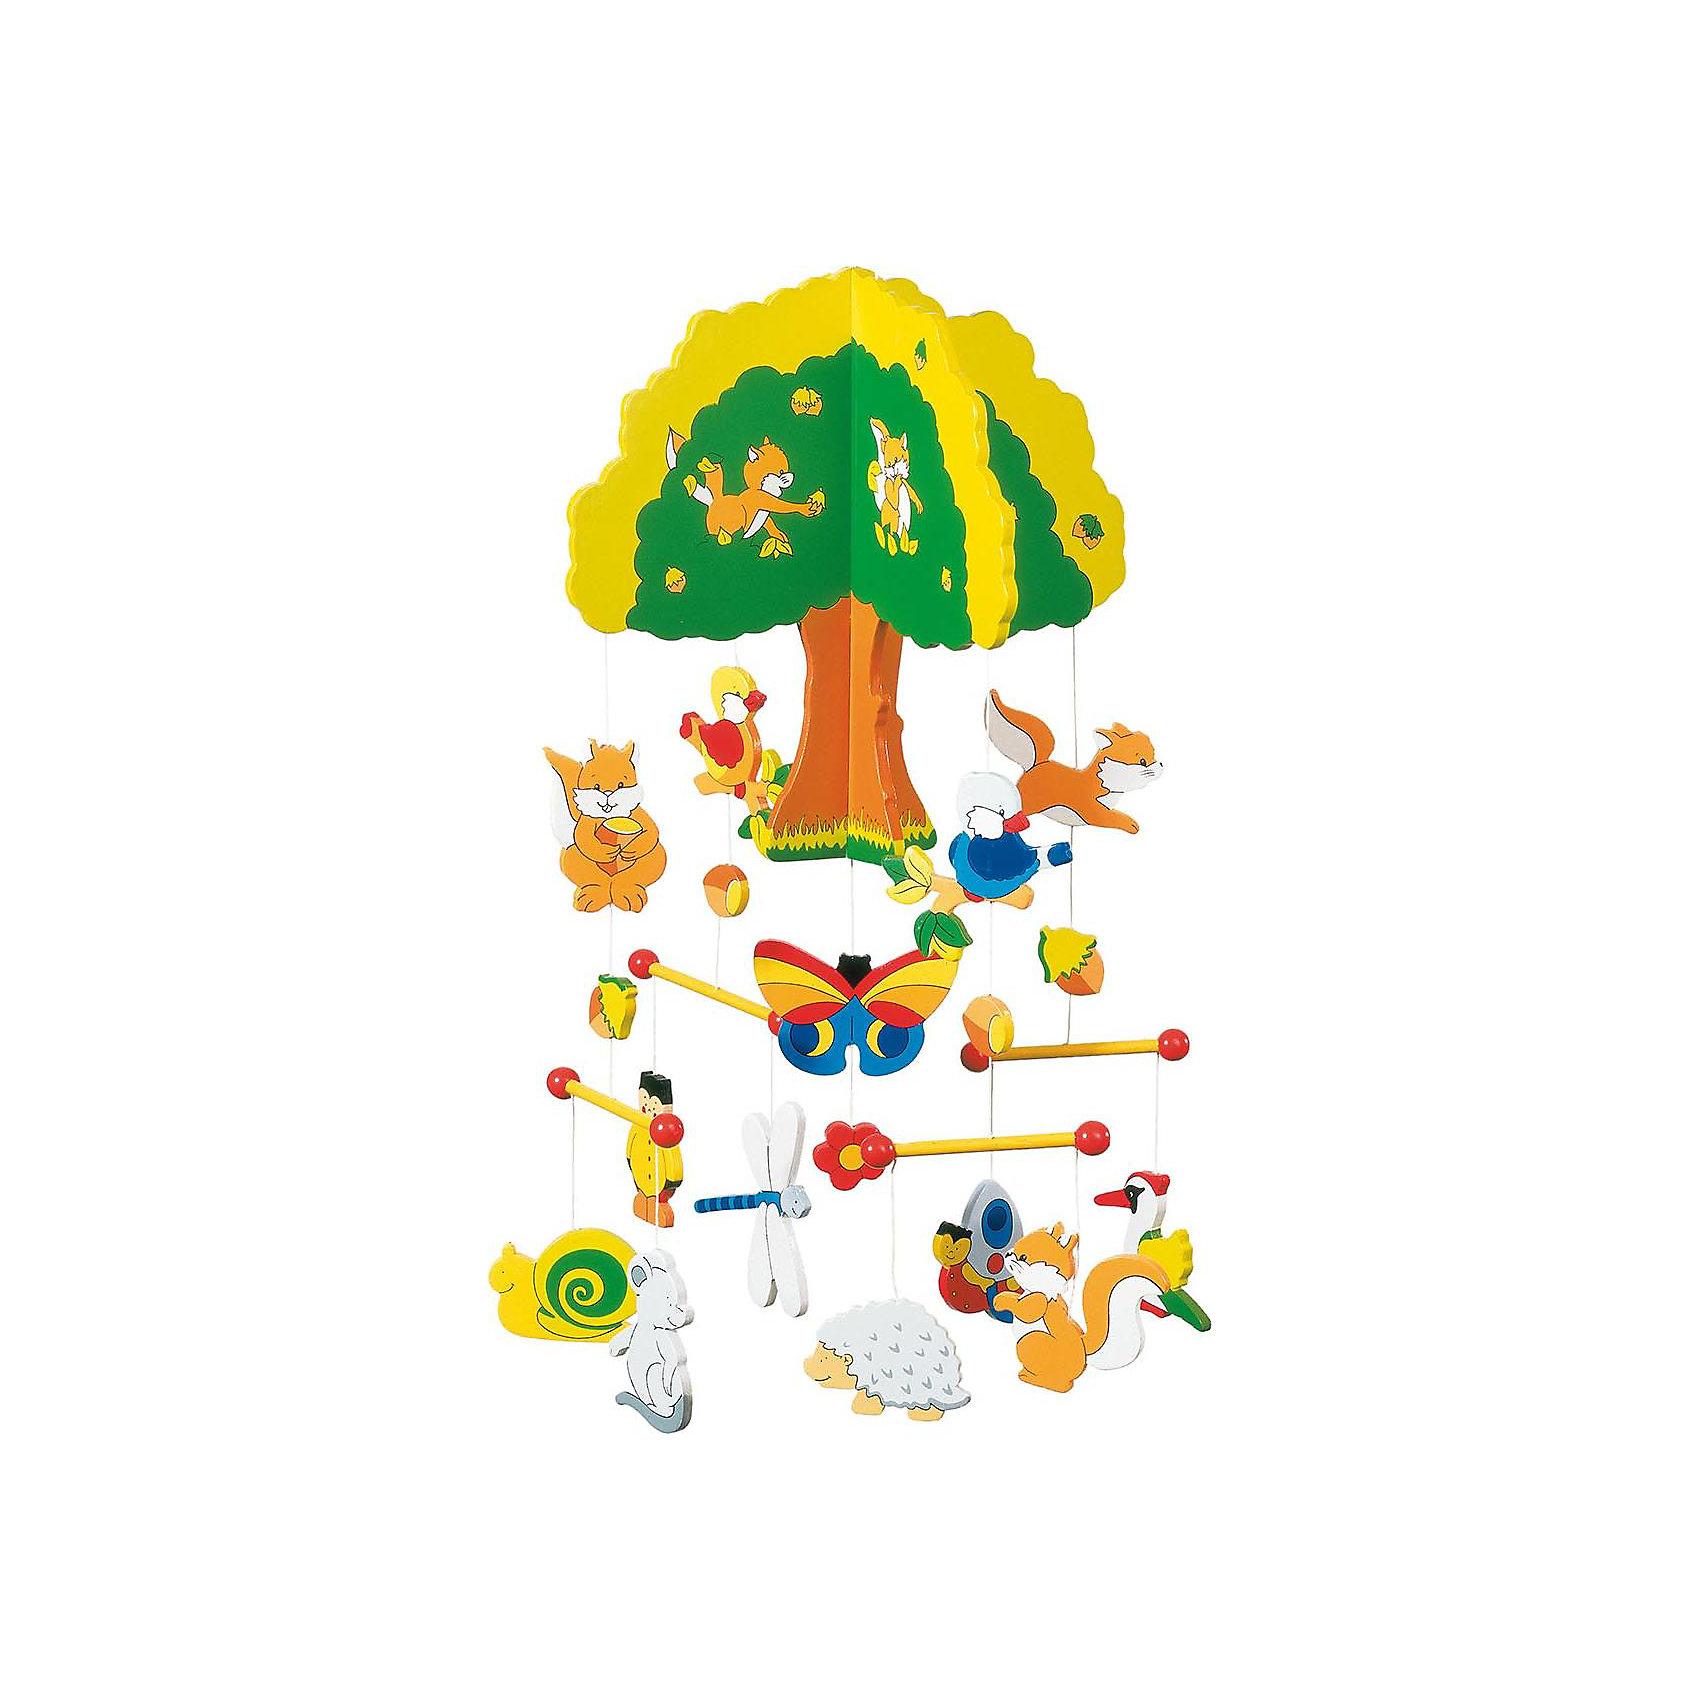 Мобиле Дерево, gokiМобили<br>На тонких лесках подвешены фигурки из дерева. Этот  мобиле откроет окошко в чудесный и радостный мир из комнаты новорожденного.<br><br>Ширина мм: 294<br>Глубина мм: 269<br>Высота мм: 40<br>Вес г: 416<br>Возраст от месяцев: 0<br>Возраст до месяцев: 18<br>Пол: Унисекс<br>Возраст: Детский<br>SKU: 1939554